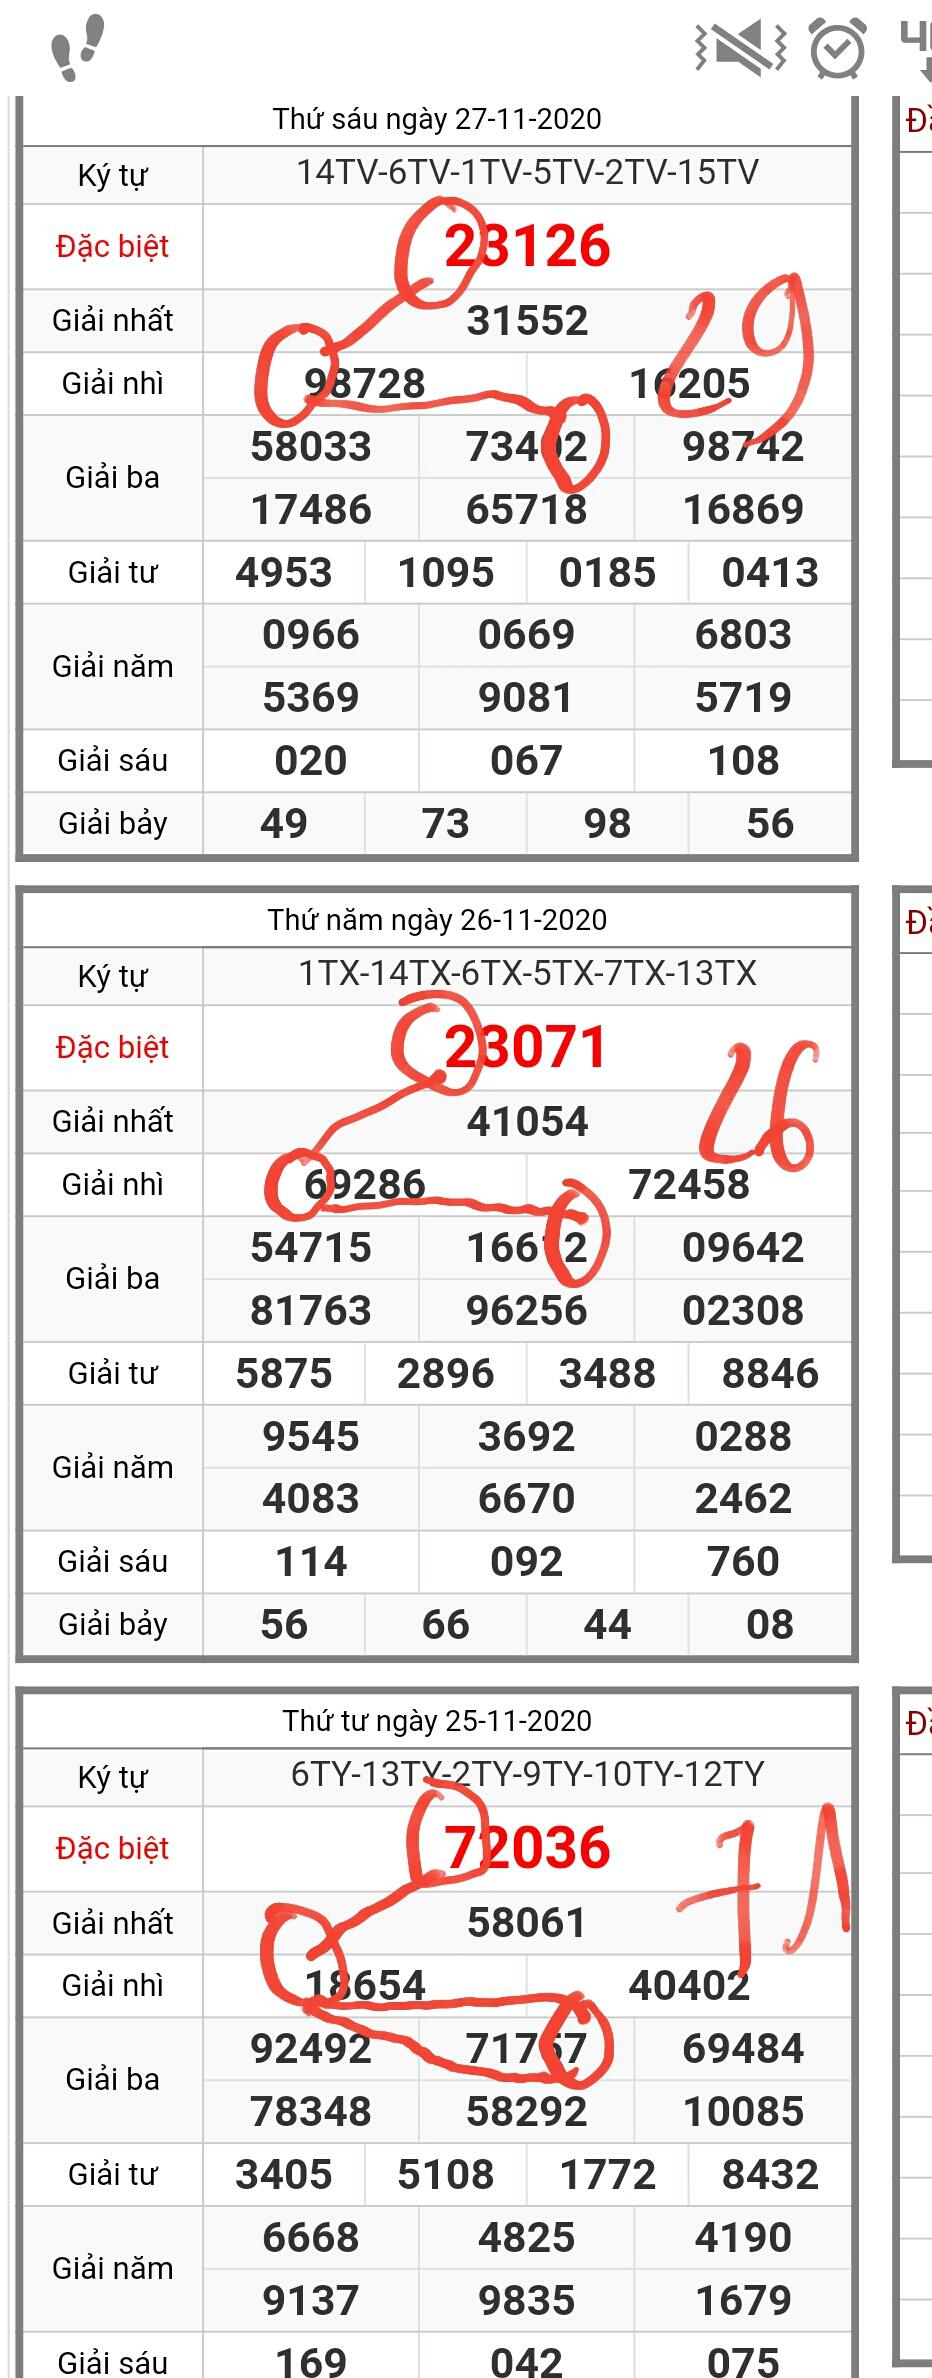 Screenshot_2020-11-28-14-48-57-2-1.jpg